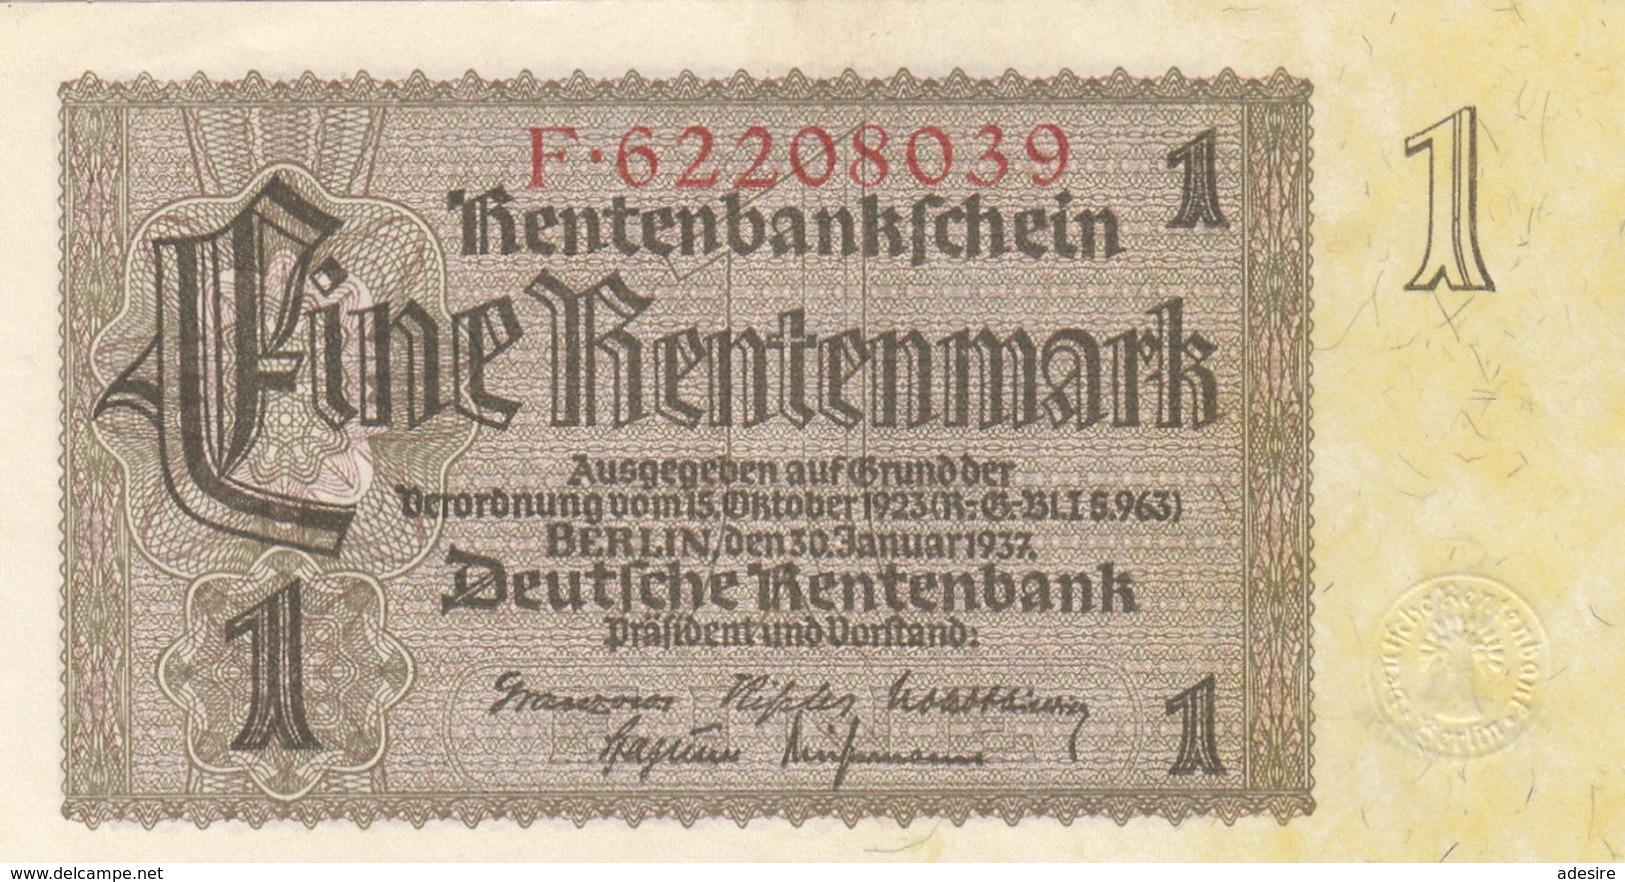 1 RENTENMARK 1937 DEUTSCHE RENTENBANK Banknote Sehr Gute Erhaltung - [ 4] 1933-1945 : Terzo  Reich